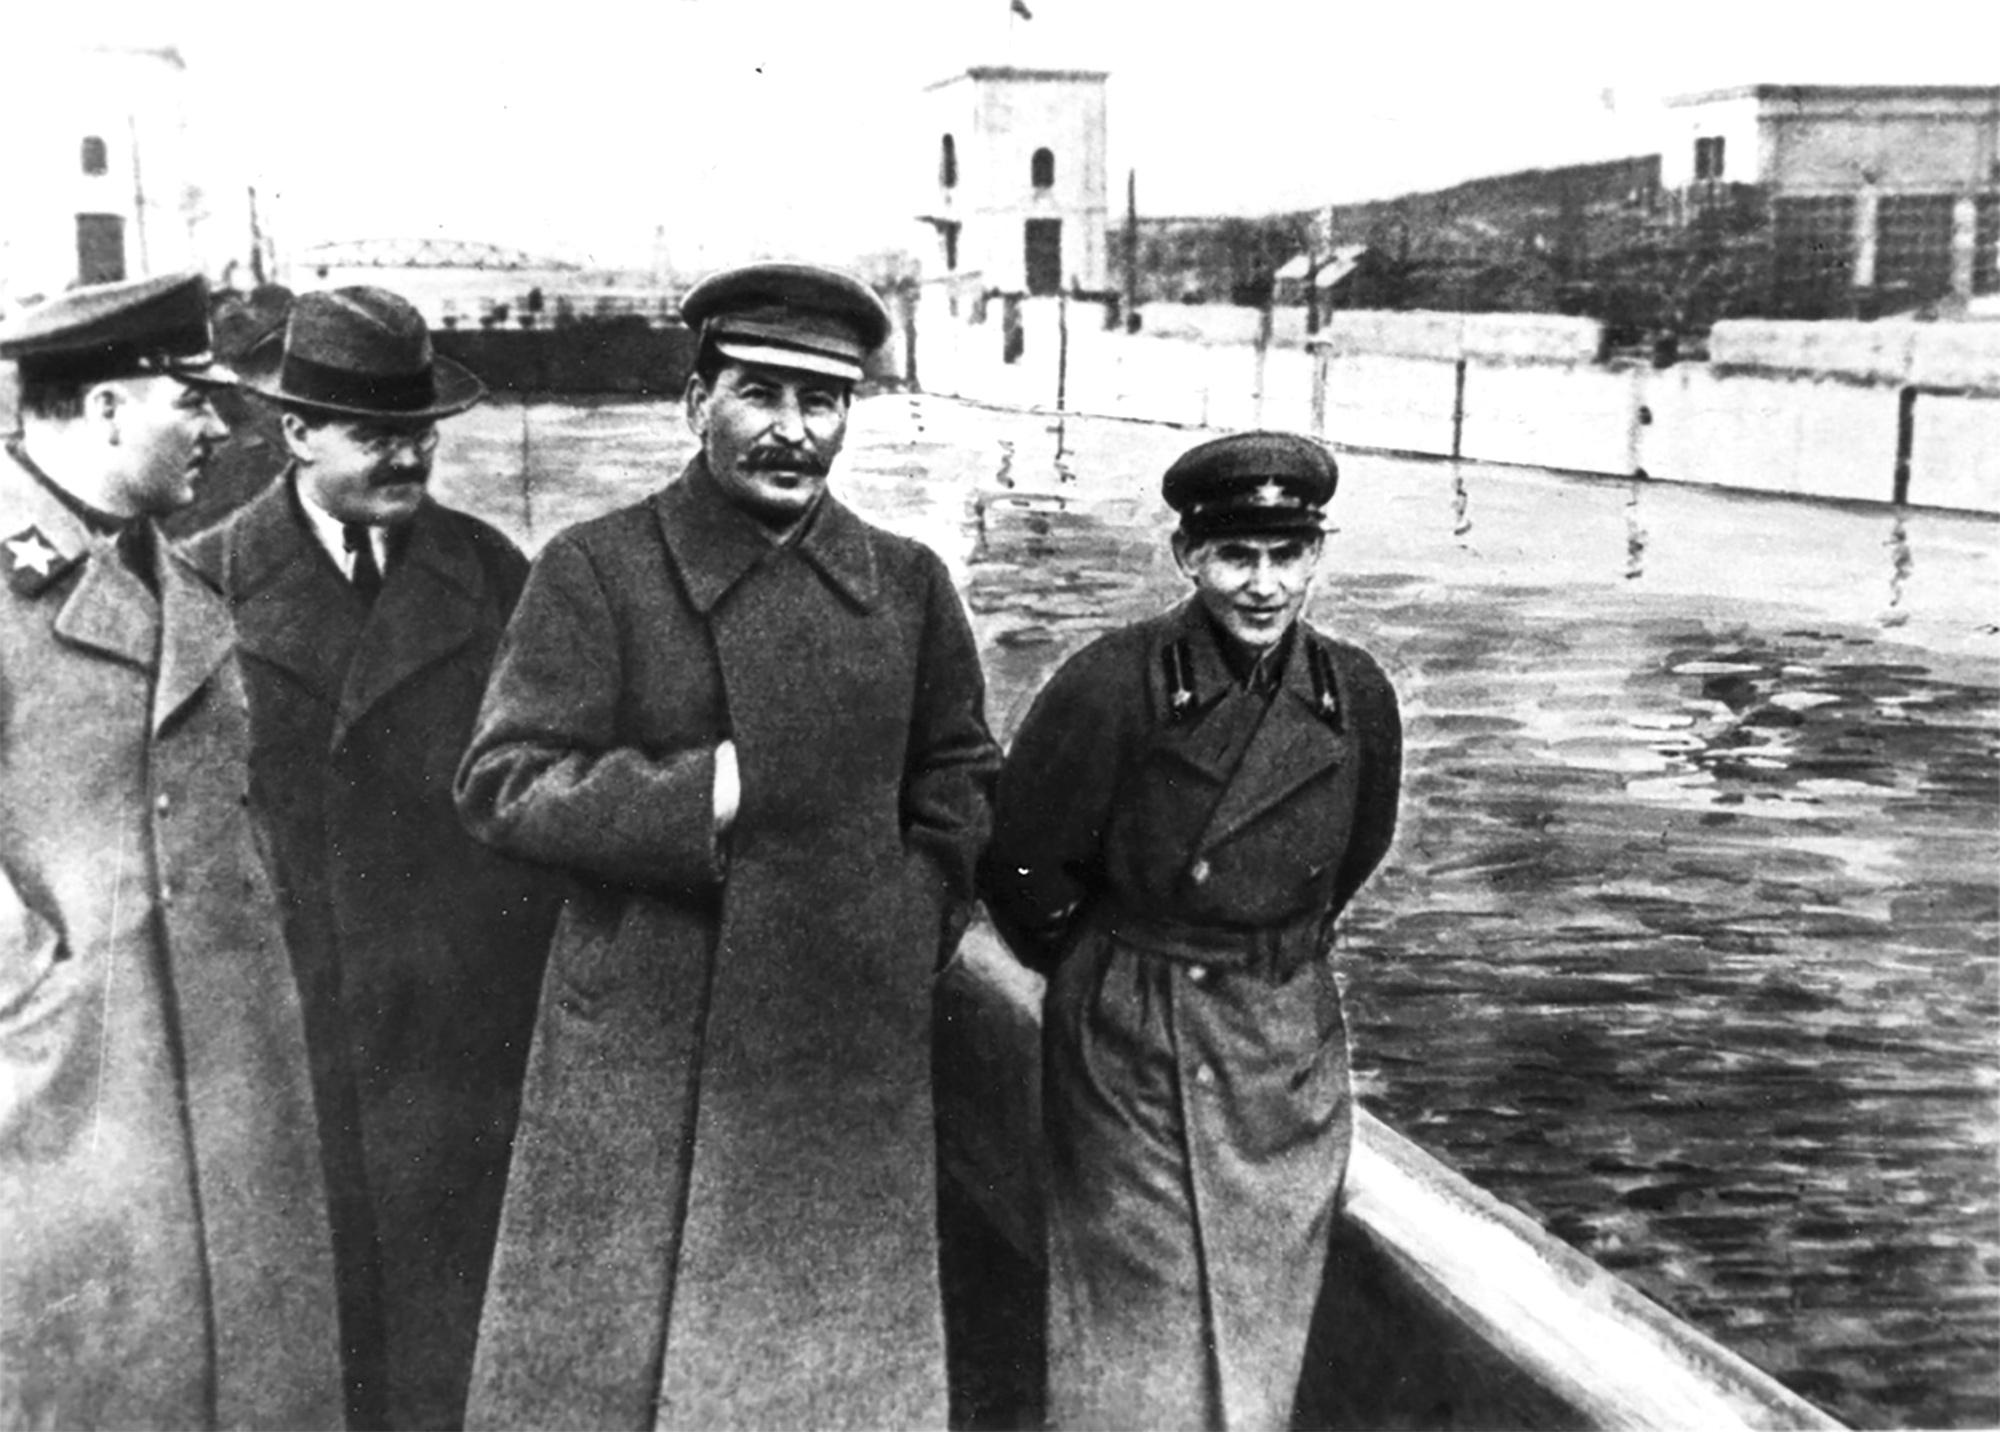 Ежов (справа) и Сталин. Факты и документы доказывают, что сталинские репрессии — жестокая реальность